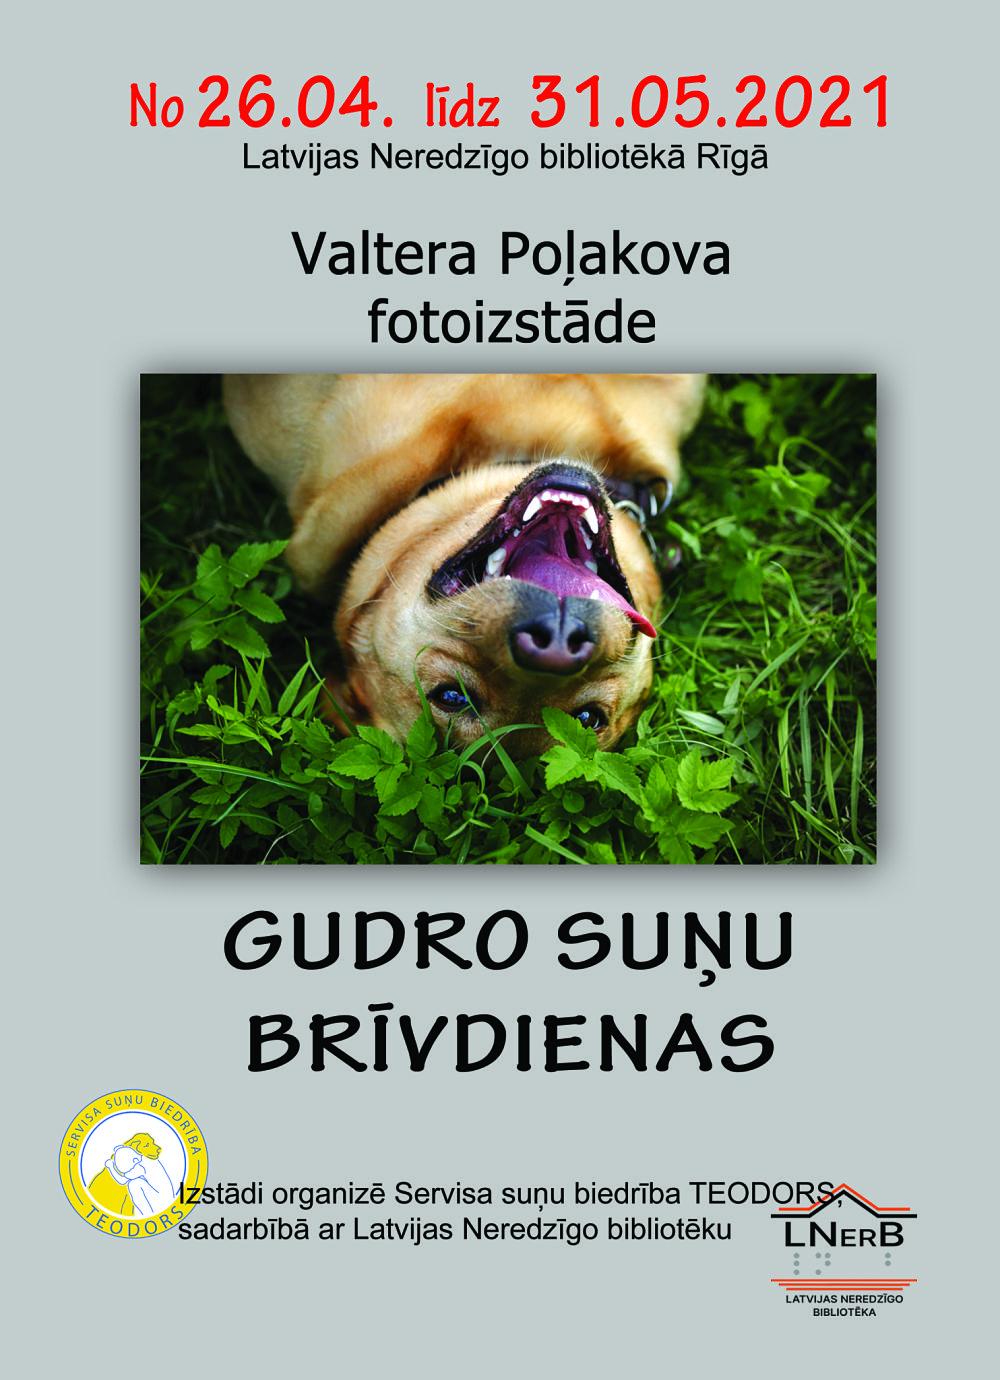 Plakāts Gudro suņu brīvdienas